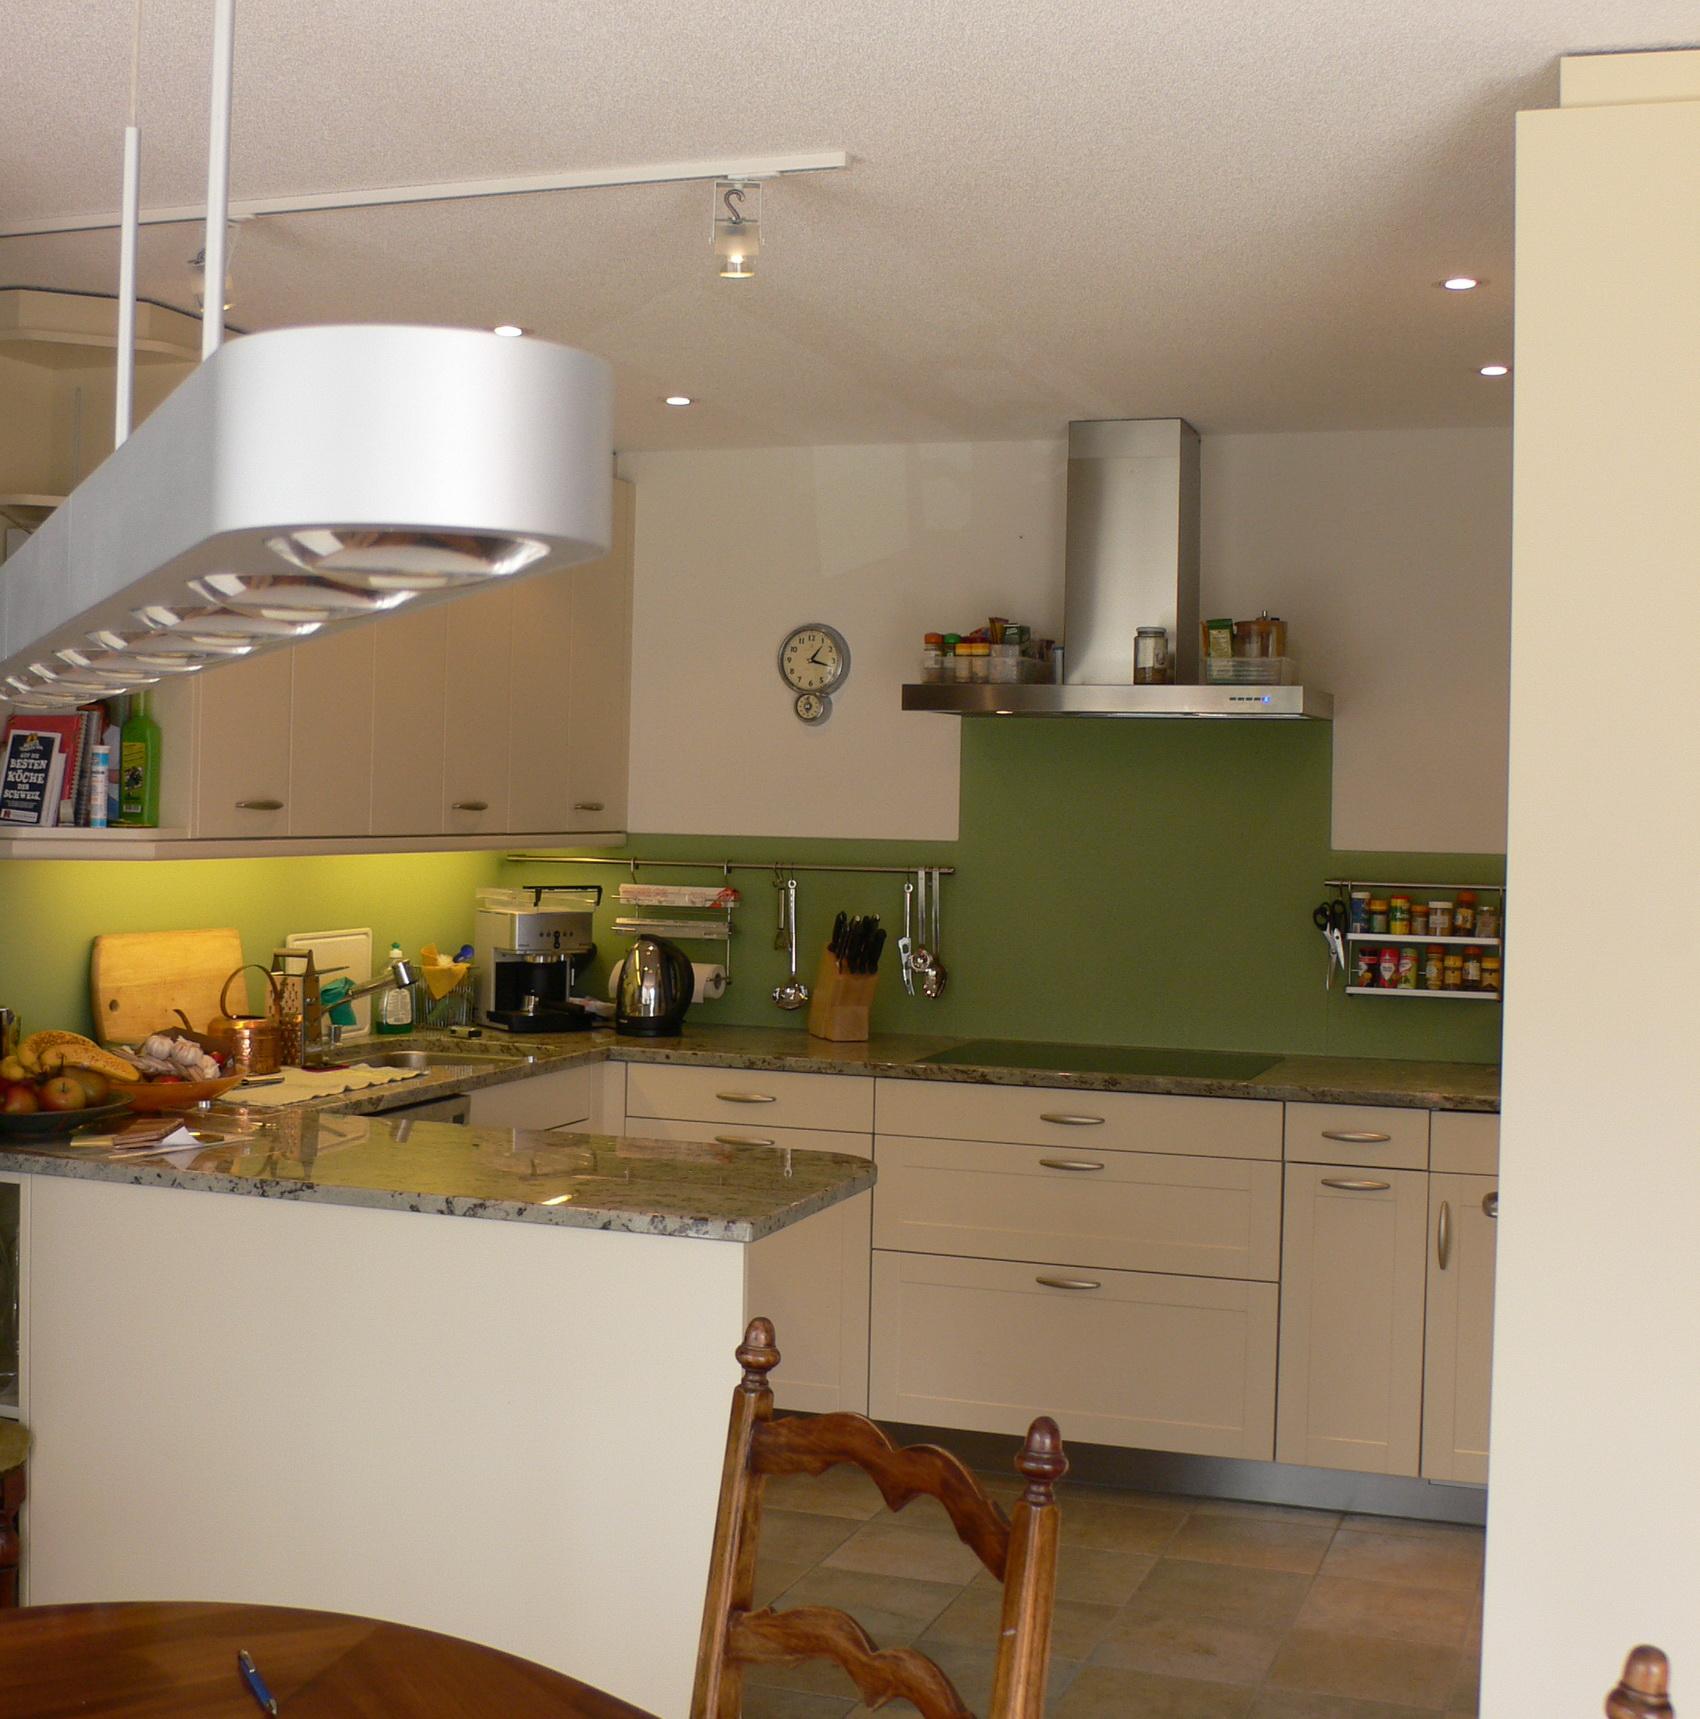 Full Size of 8 Küche Planen Kostenlos Ikea Kosten Servierwagen Fliesen Für Gewinnen Ausstellungsstück Mit Elektrogeräten Günstig Edelstahlküche Gebraucht Kaufen Küche Granitplatten Küche